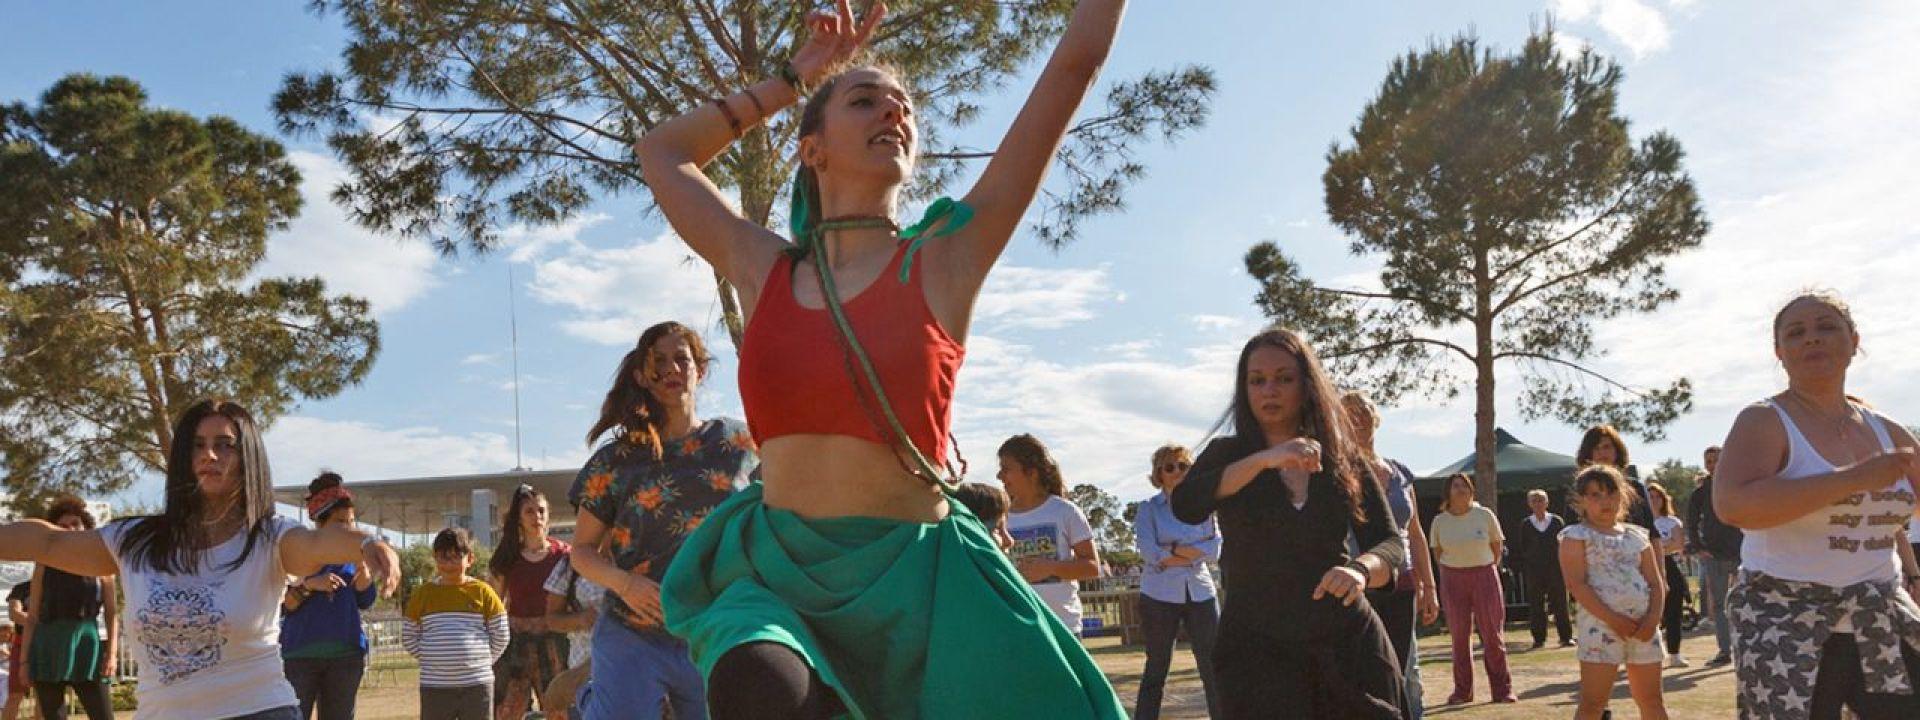 Φωτογραφία από άτομα που χορεύουν Αφροβραζιλιάνικο Χορό